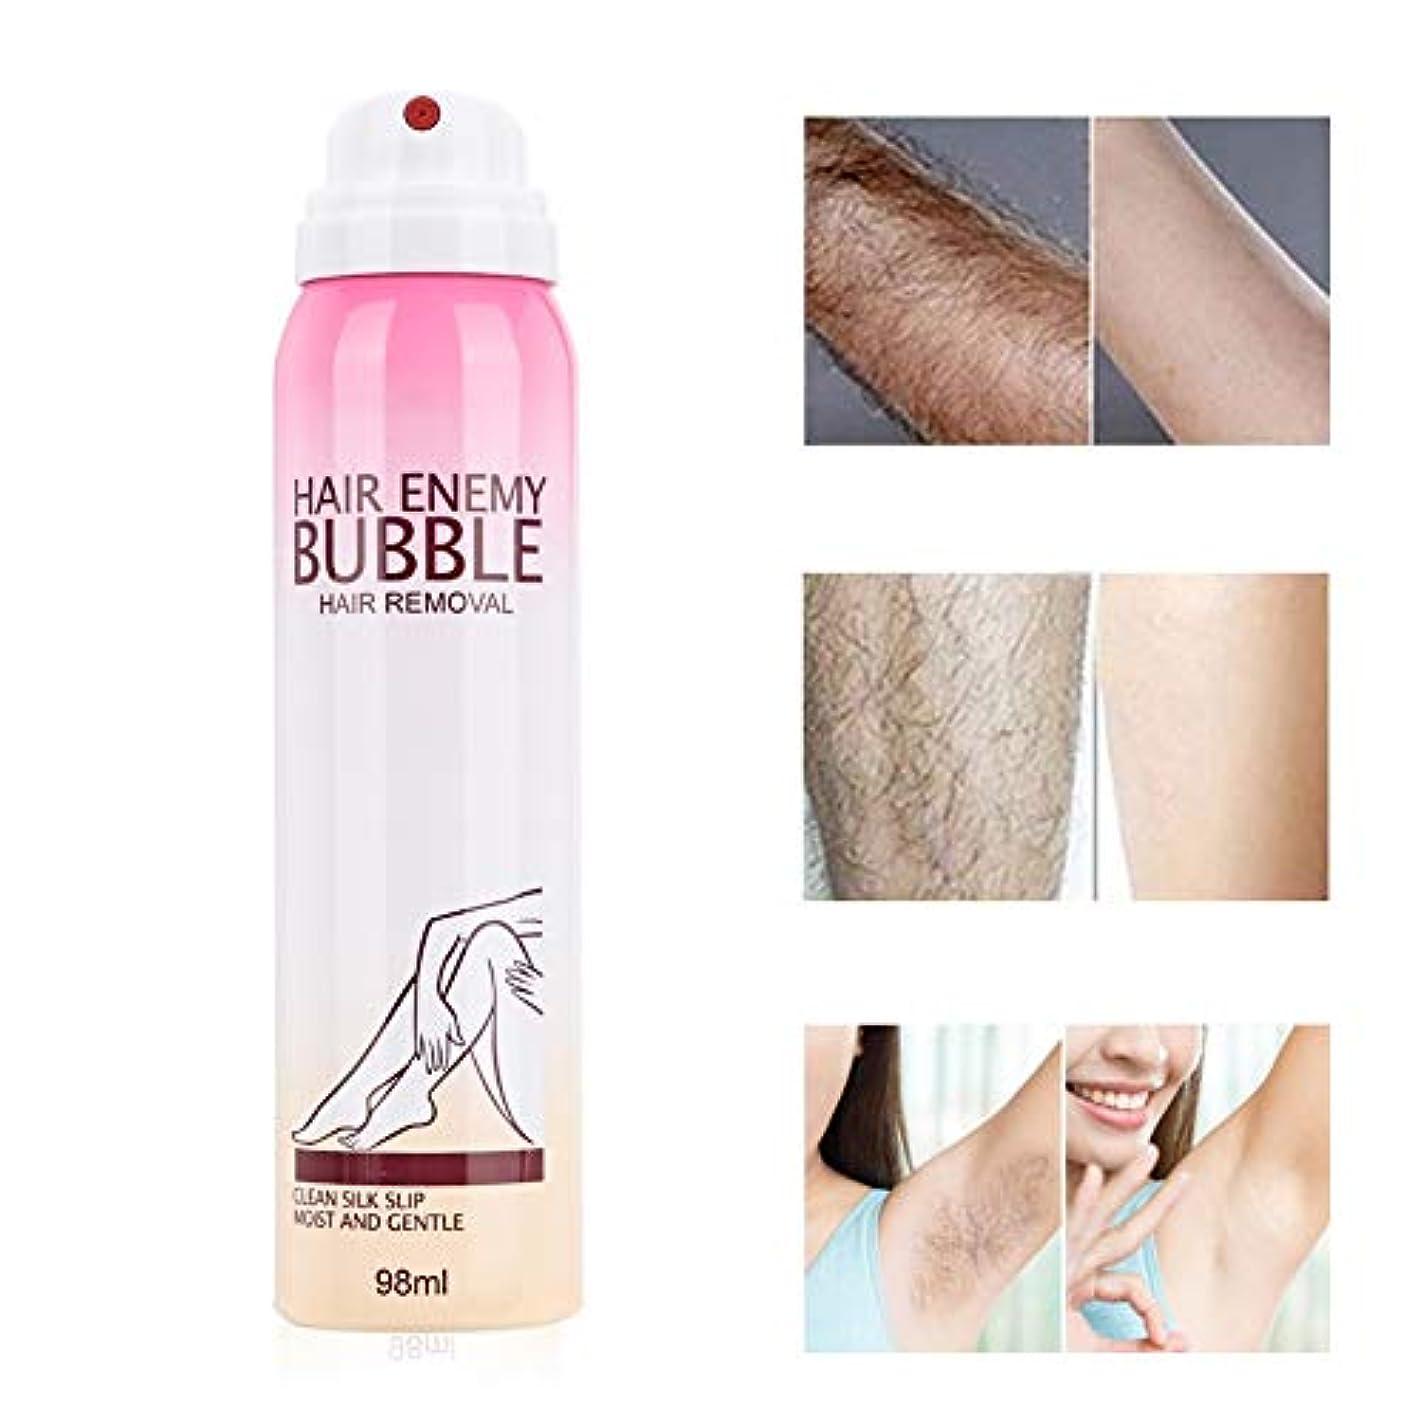 フィクション壮大なカード泡毛除去クリーム、ナチュラル痛みのない肌にやさしいソフトと長続きがする女性のためのヘアリムーバースプレー穏やかな脱毛スプレーフォームクリーム98ミリリットル